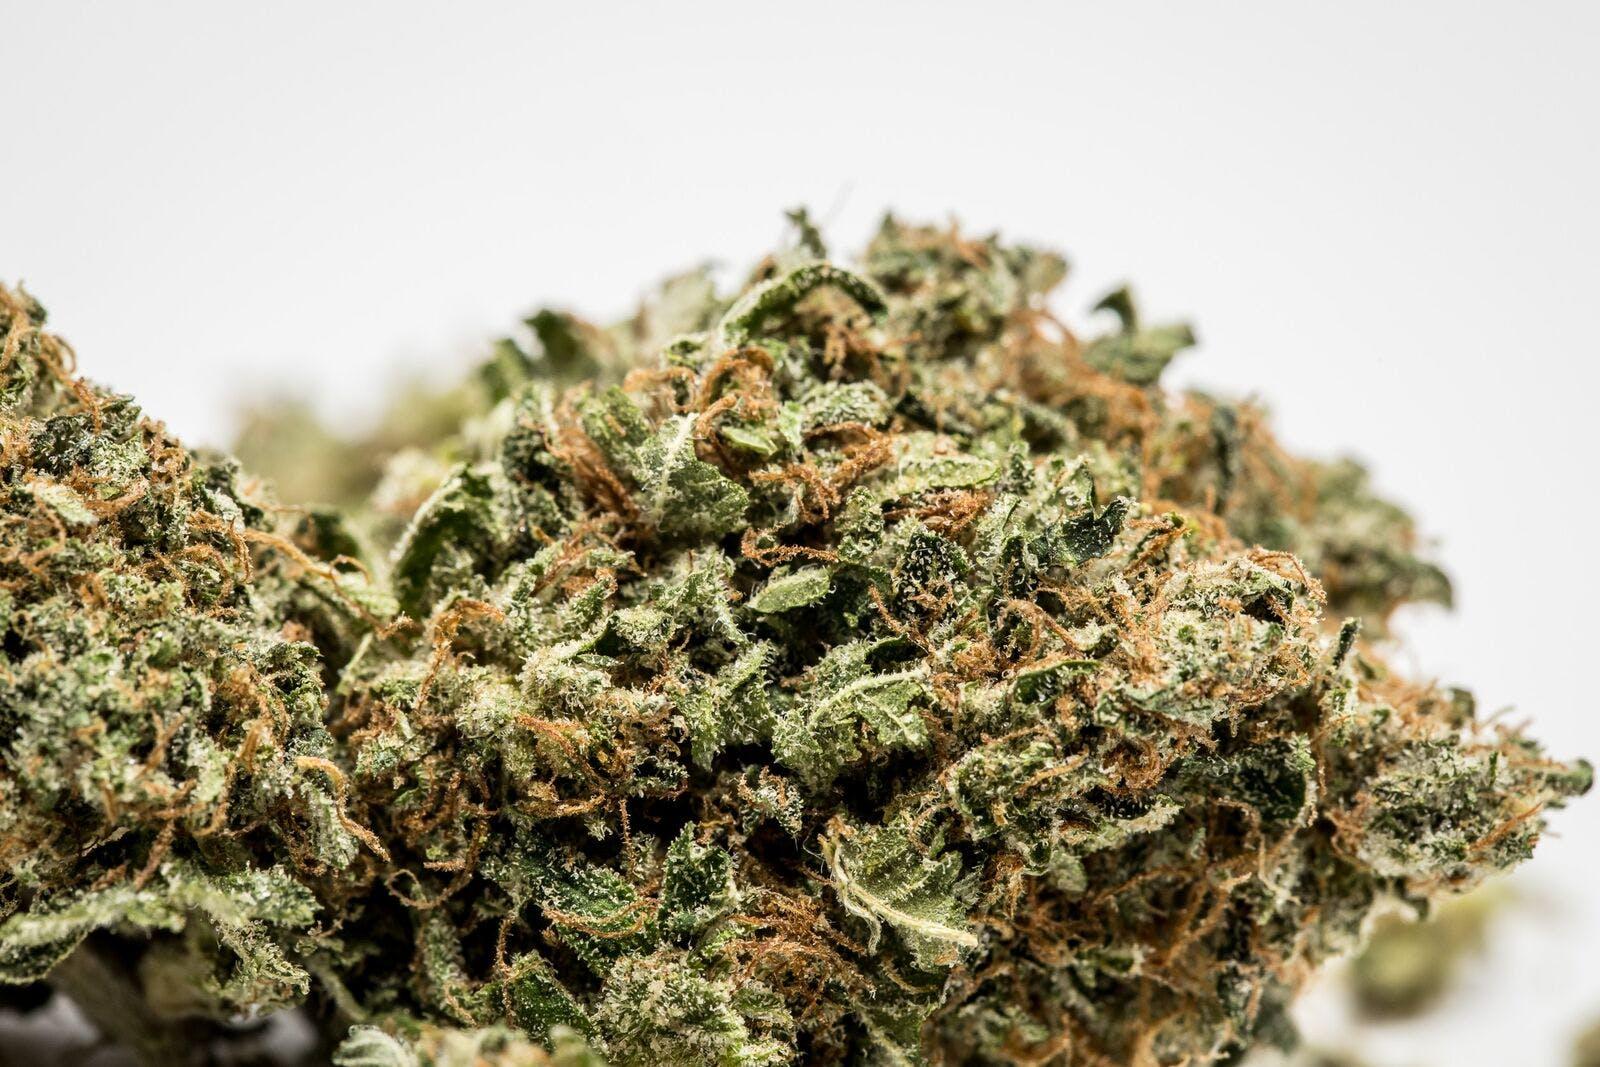 Mars OG Weed; Mars OG Cannabis Strain; Mars OG Indica Marijuana Strain